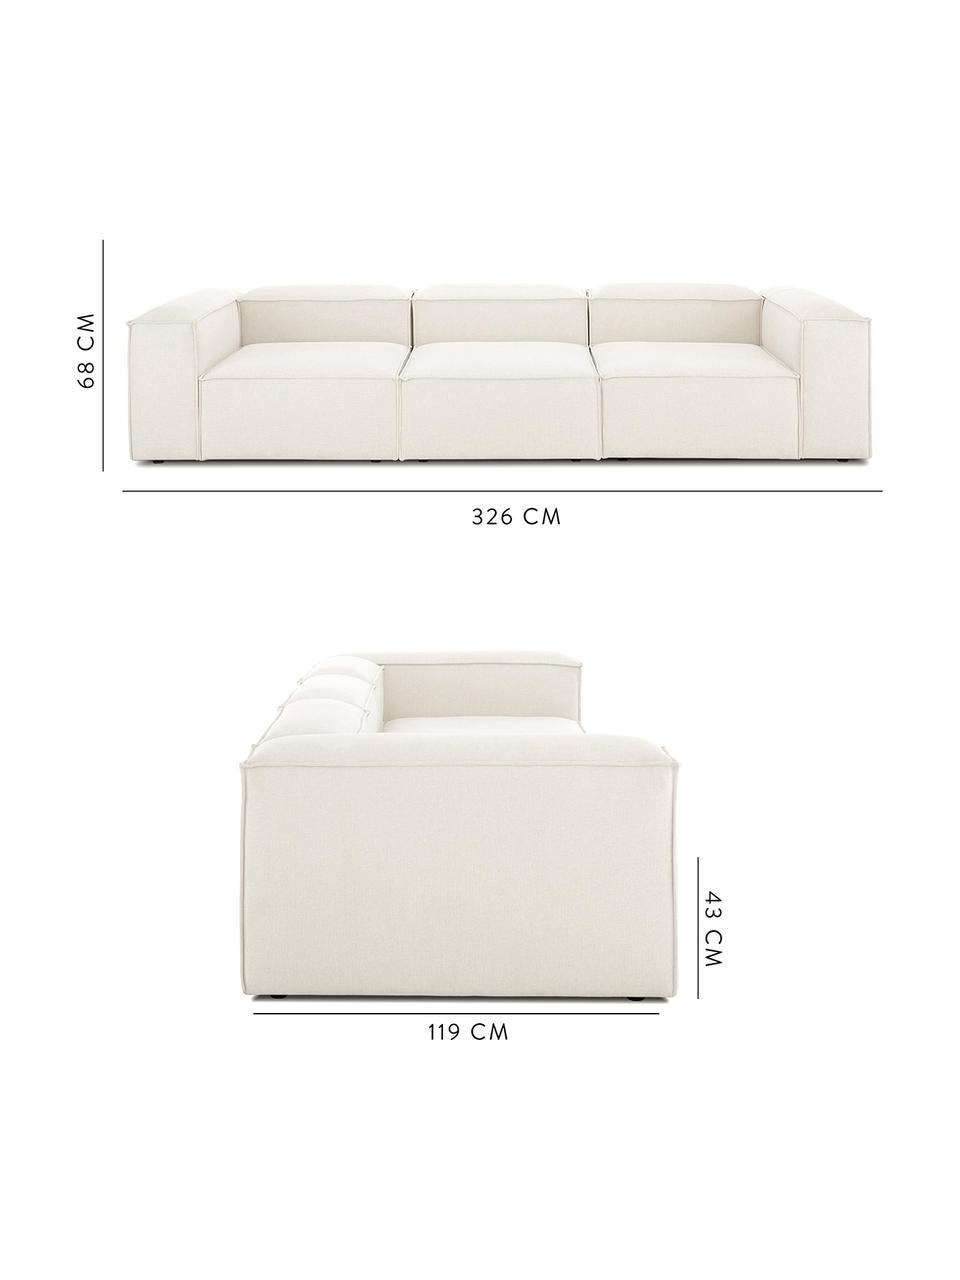 Sofa modułowa Lennon (4-osobowa), Tapicerka: poliester Dzięki tkaninie, Nogi: tworzywo sztuczne, Beżowy, S 326 x G 119 cm